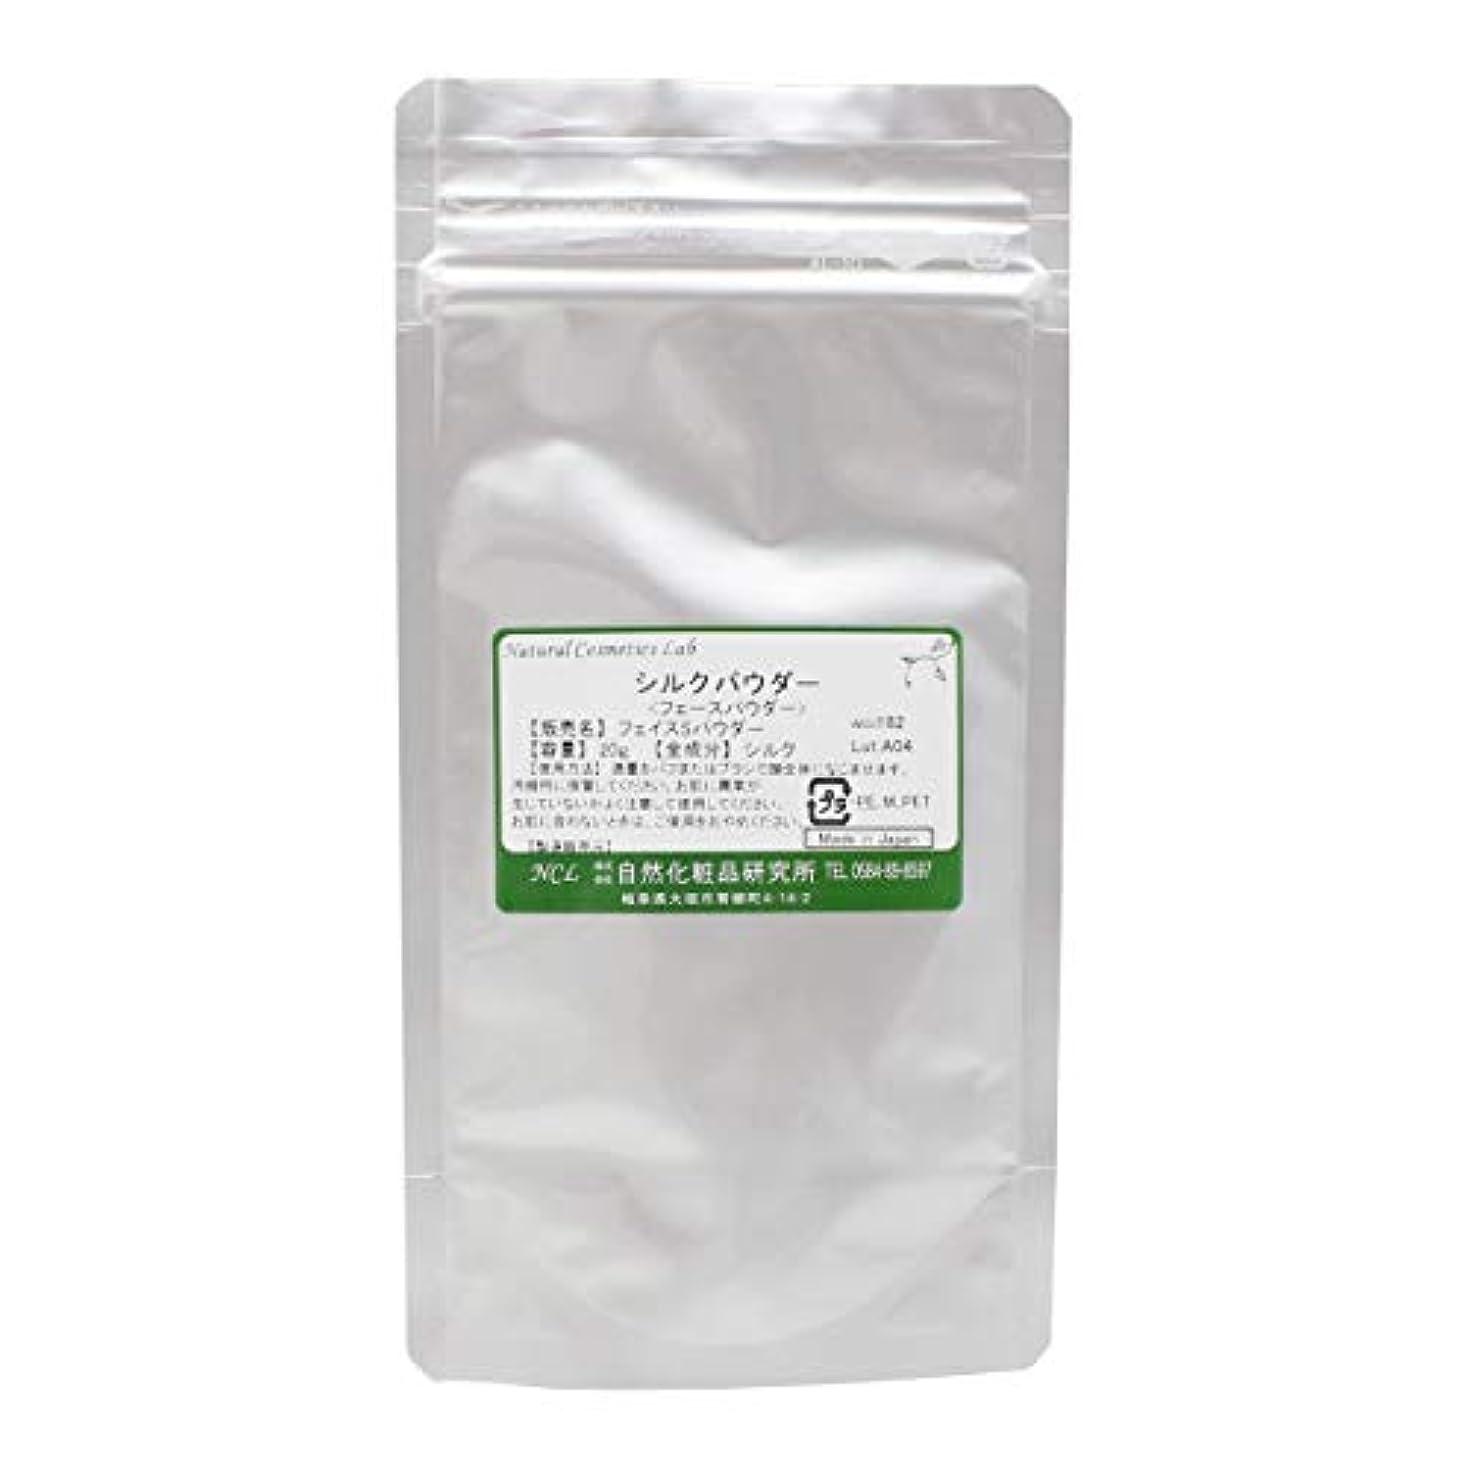 ドロップ腹虫シルクパウダー 詰替え用 20g